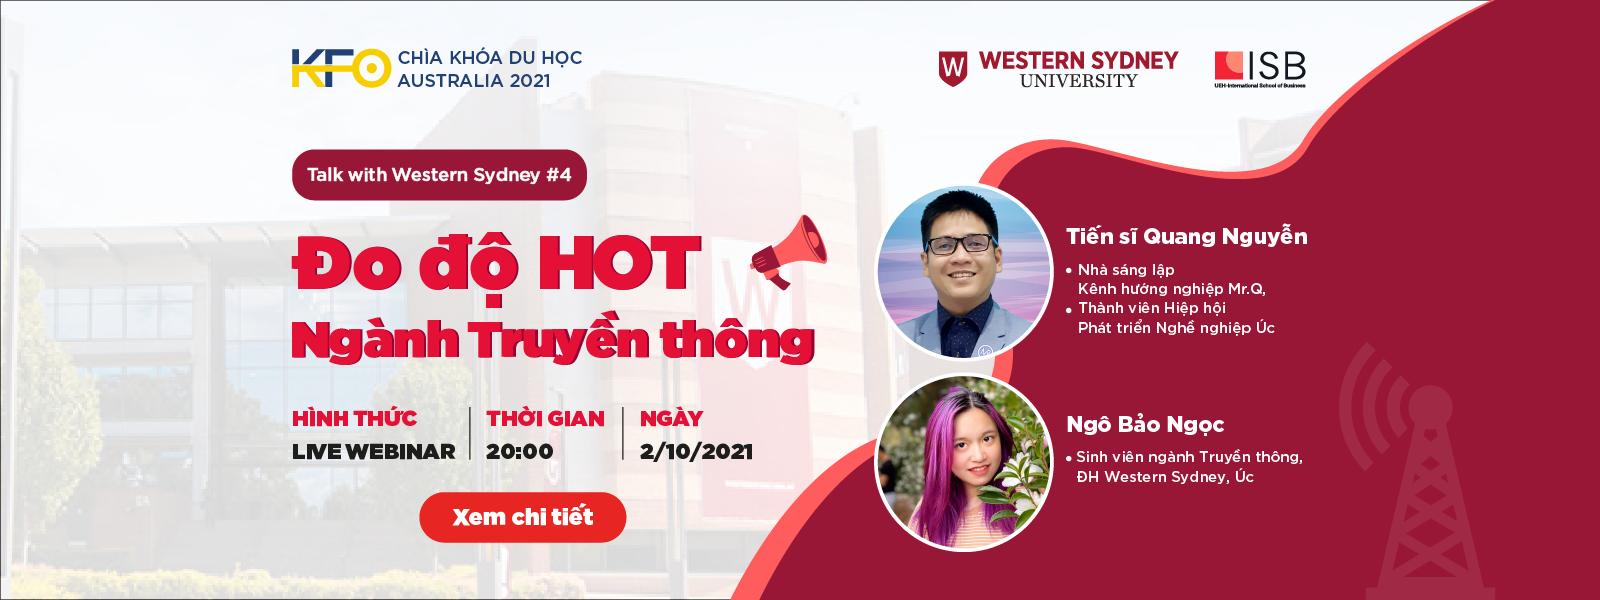 Chìa khóa du học Australia 2021: Đo độ HOT Ngành Truyền thông - Talk with WSU #4